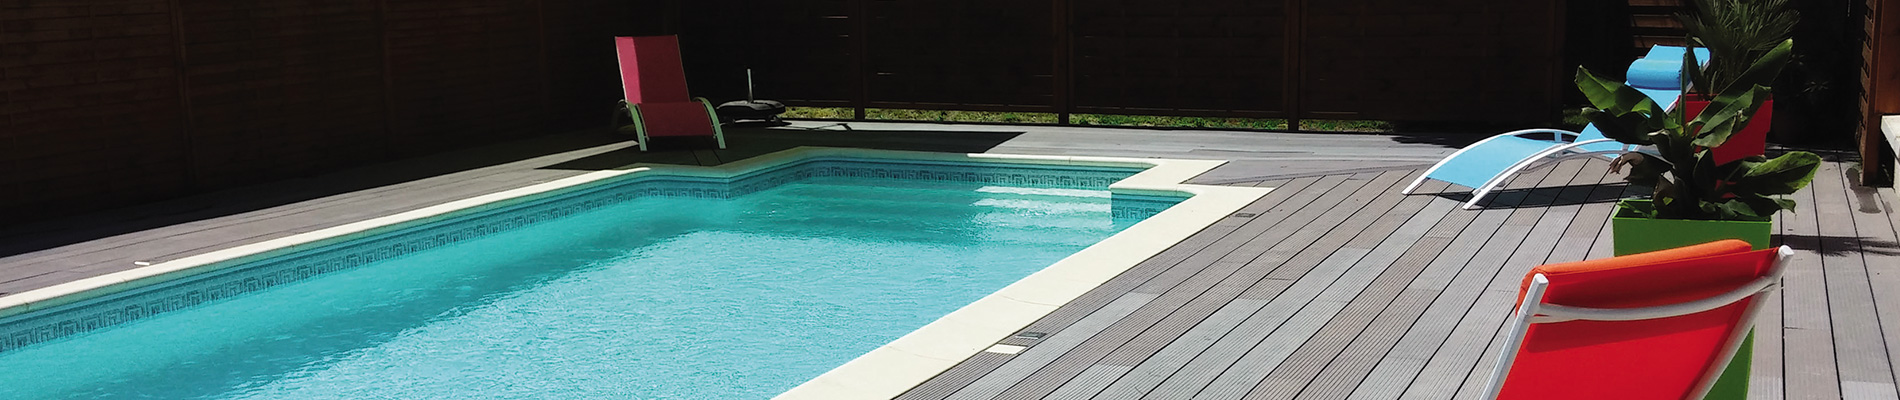 Nos piscines piscines dugain troyes auxerre sens for Piscine auxerre